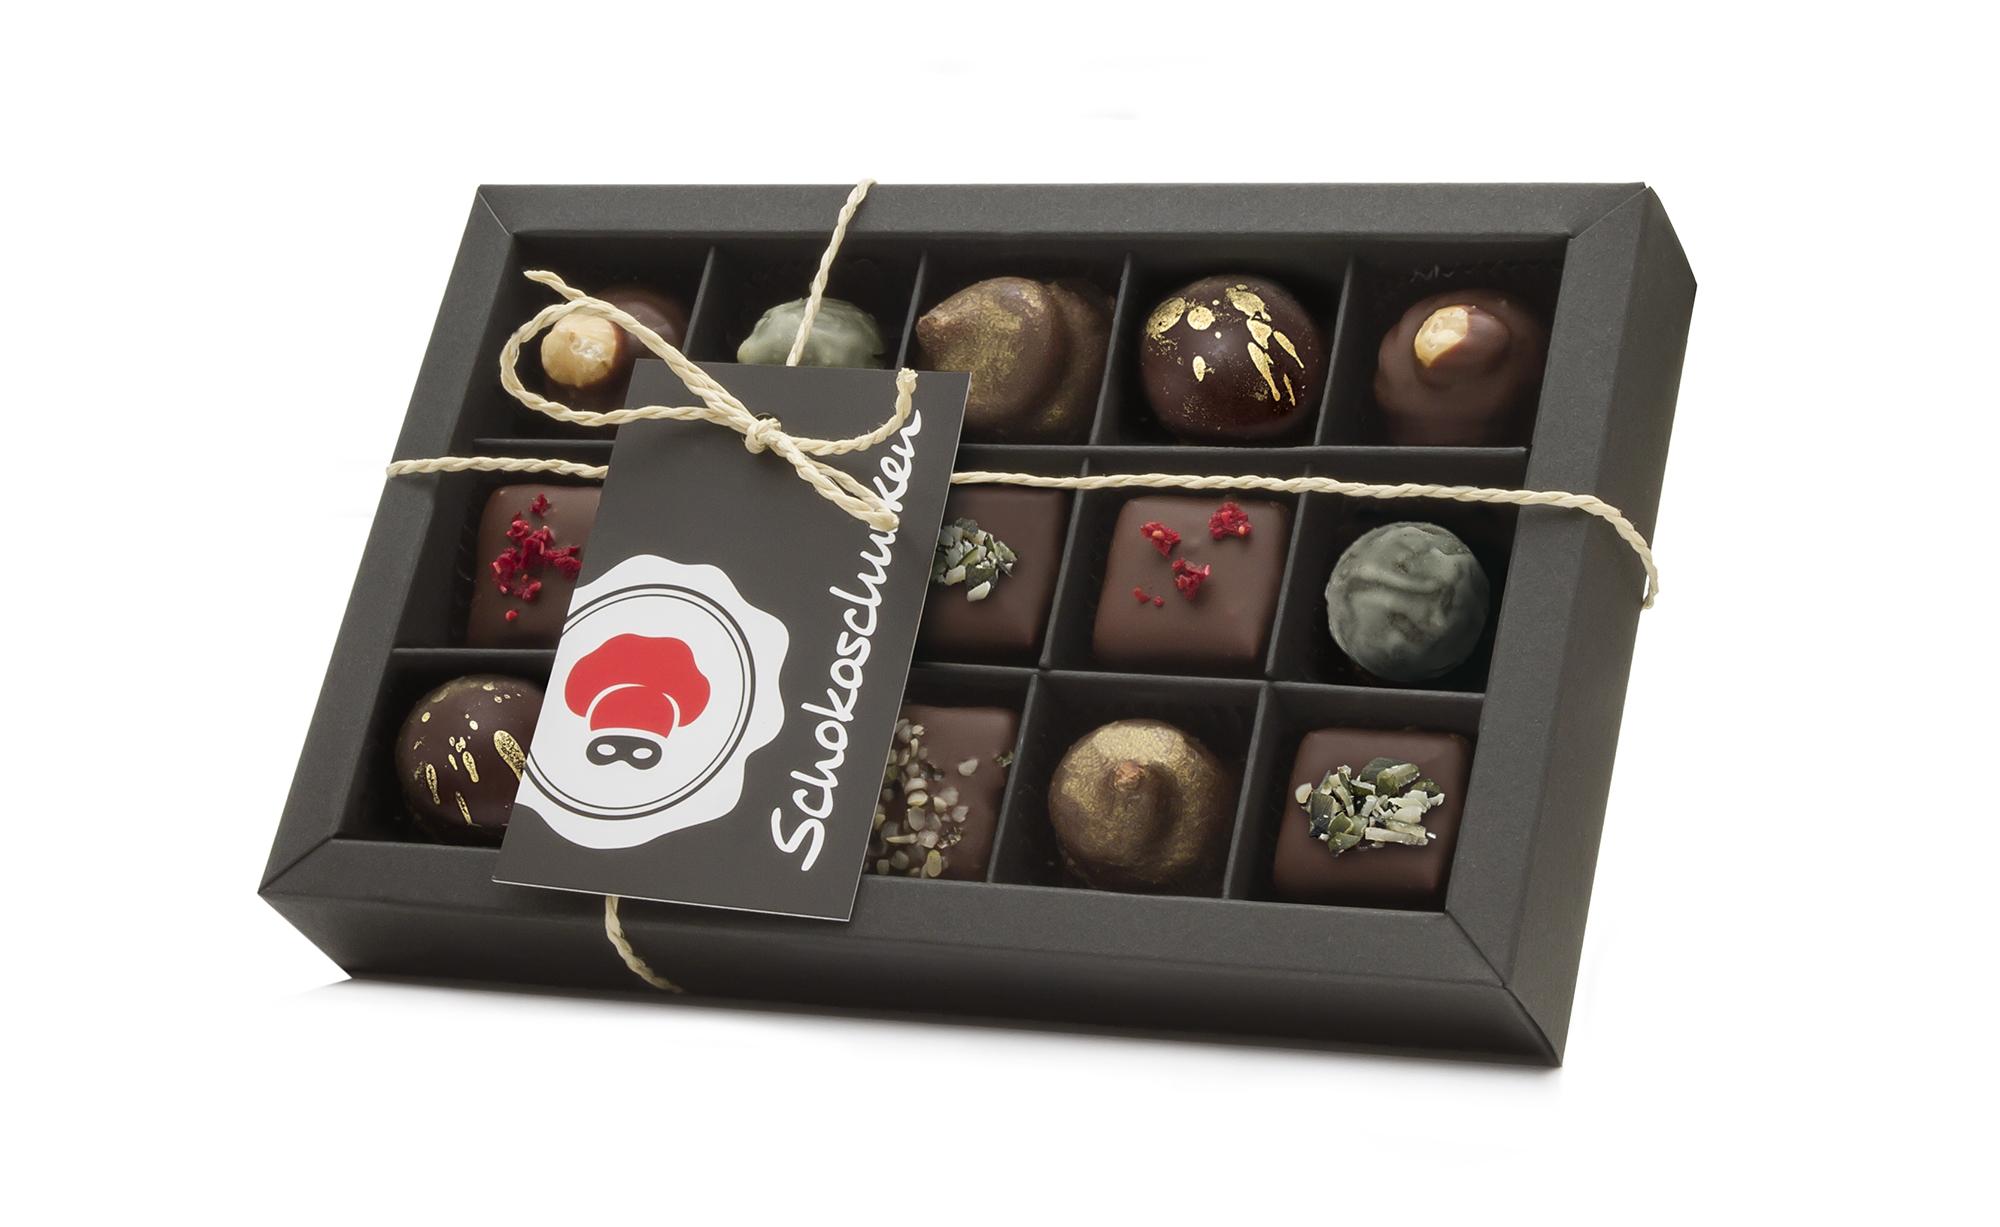 veganes pralinen geschenk set s igkeiten gebrannte mandeln bonbons online kaufen. Black Bedroom Furniture Sets. Home Design Ideas